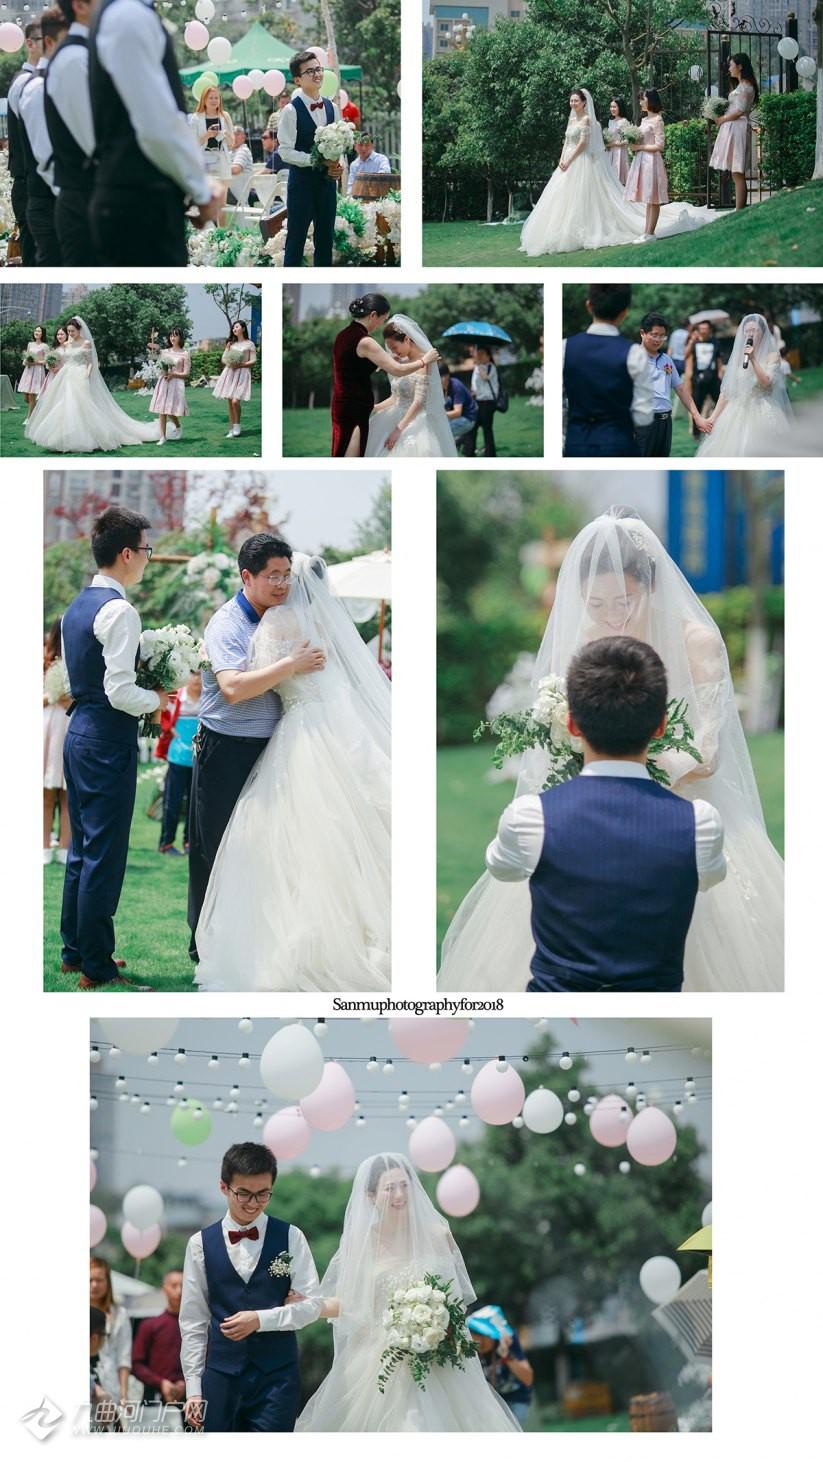 因为有爱一对新人才能携手今生;因为有爱才有祝福和祈愿;因为有爱婚礼上的每个道具也都有了灵动……其实一场 ...